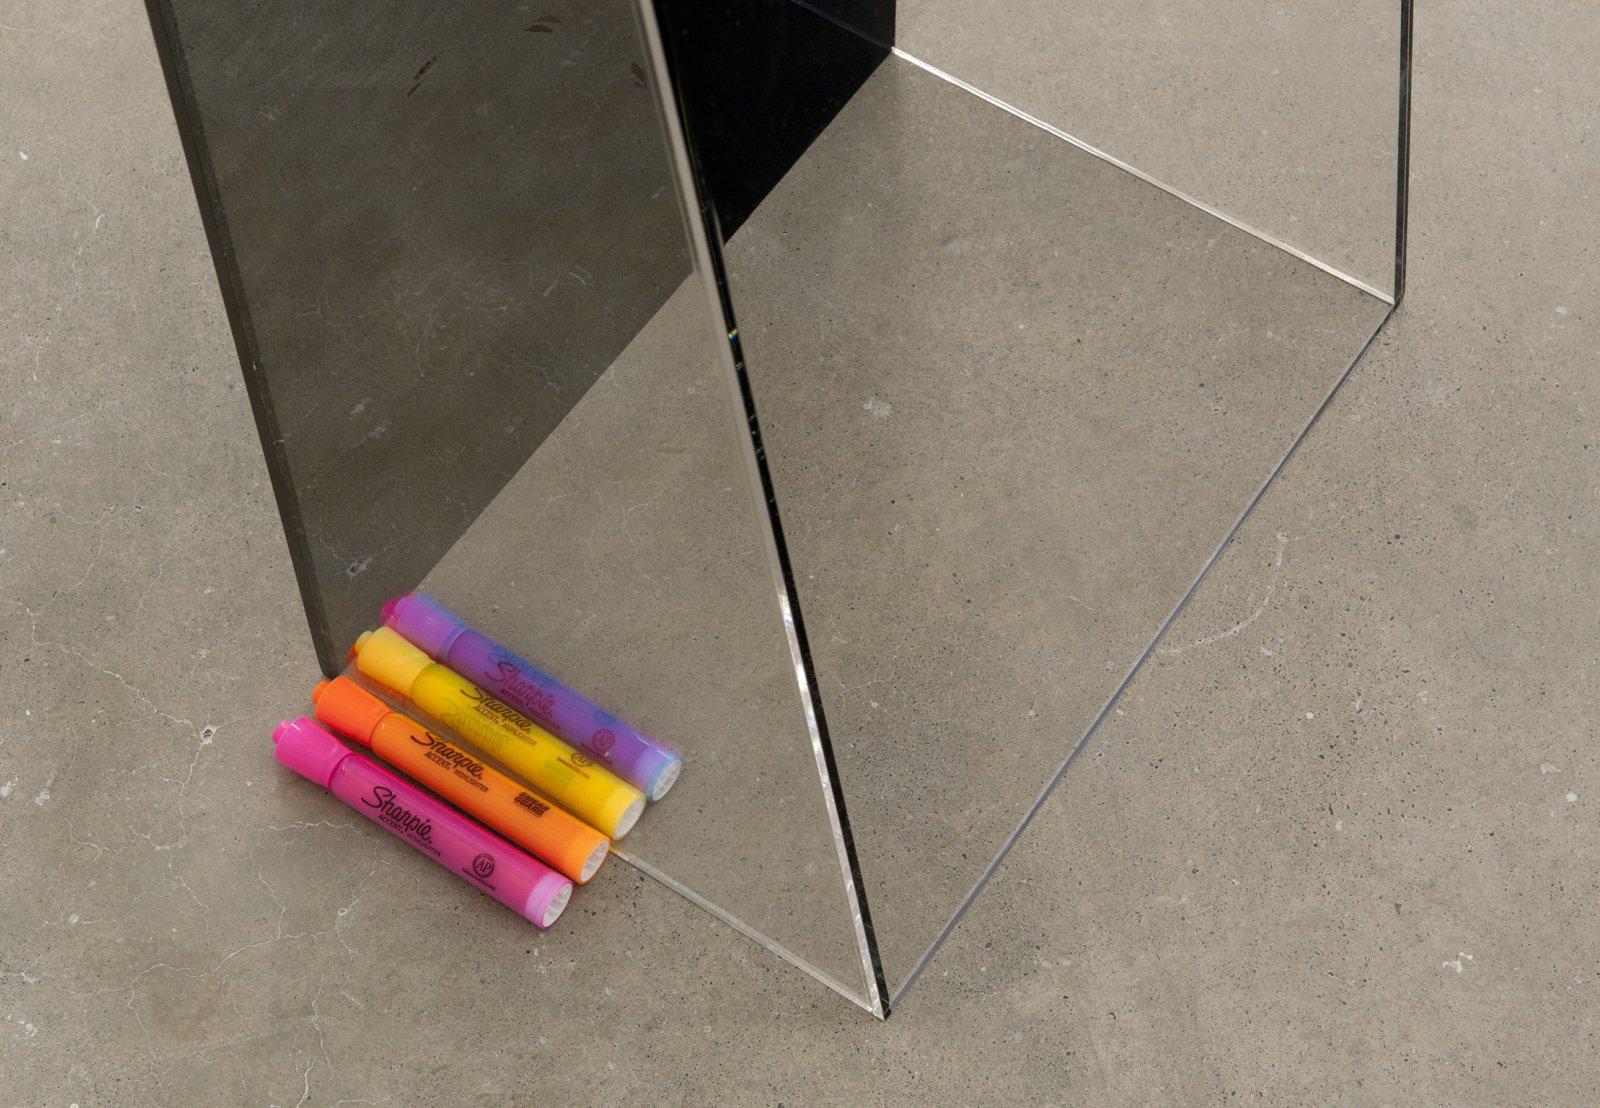 Judy Radul, Postmodern Screen (detail), 2012, plexiglass, Screen Magazine (1987), highlighters, 56 x 14 x 17 in. (142 x 36 x 43 cm) by Judy Radul